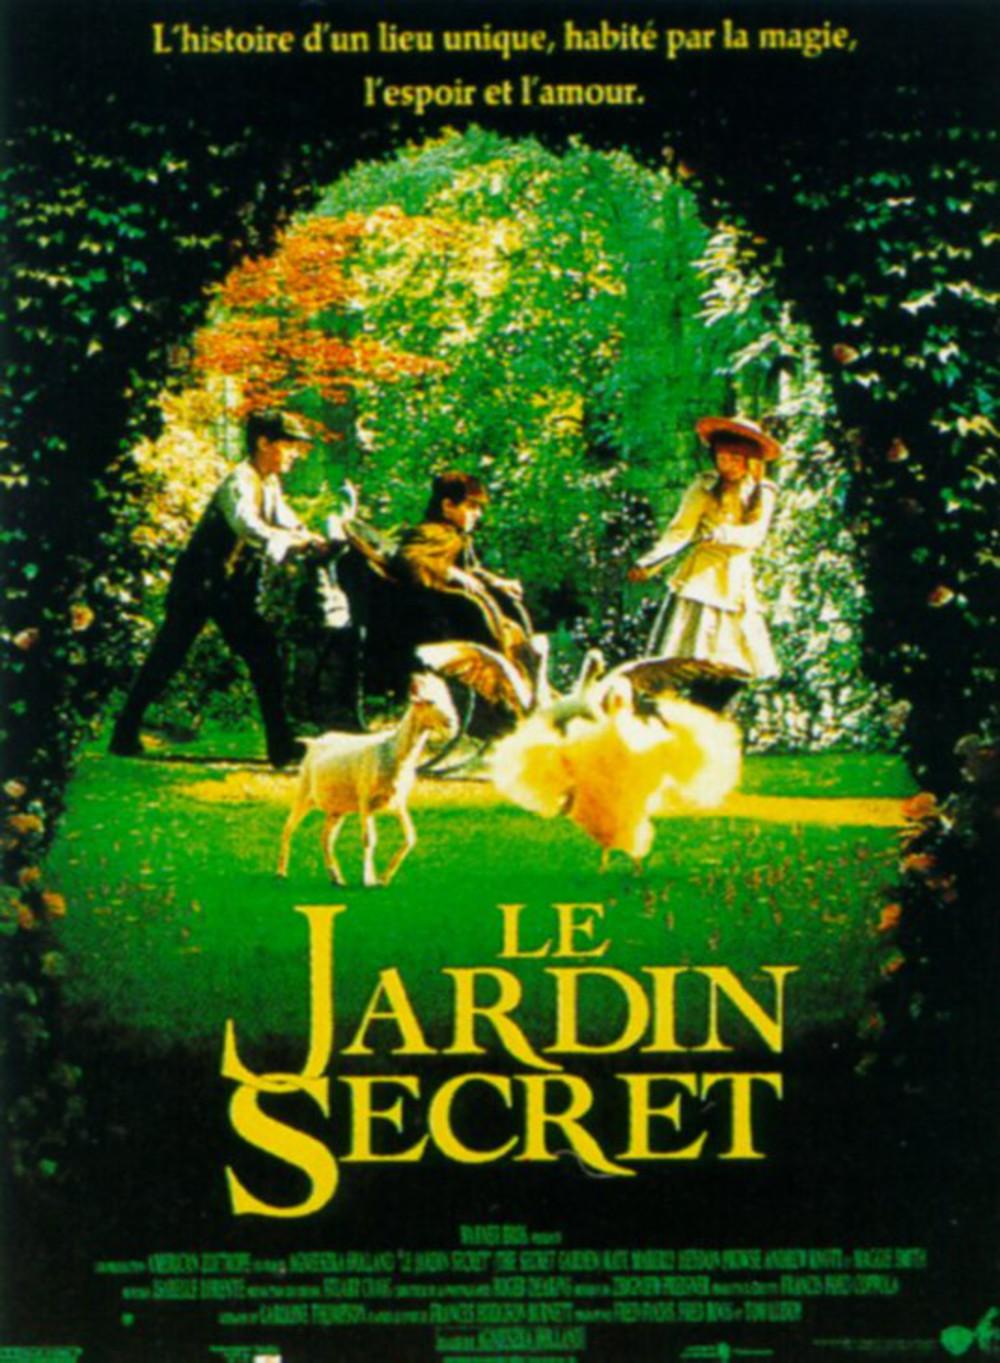 affiche du film Le Jardin secret (1993)